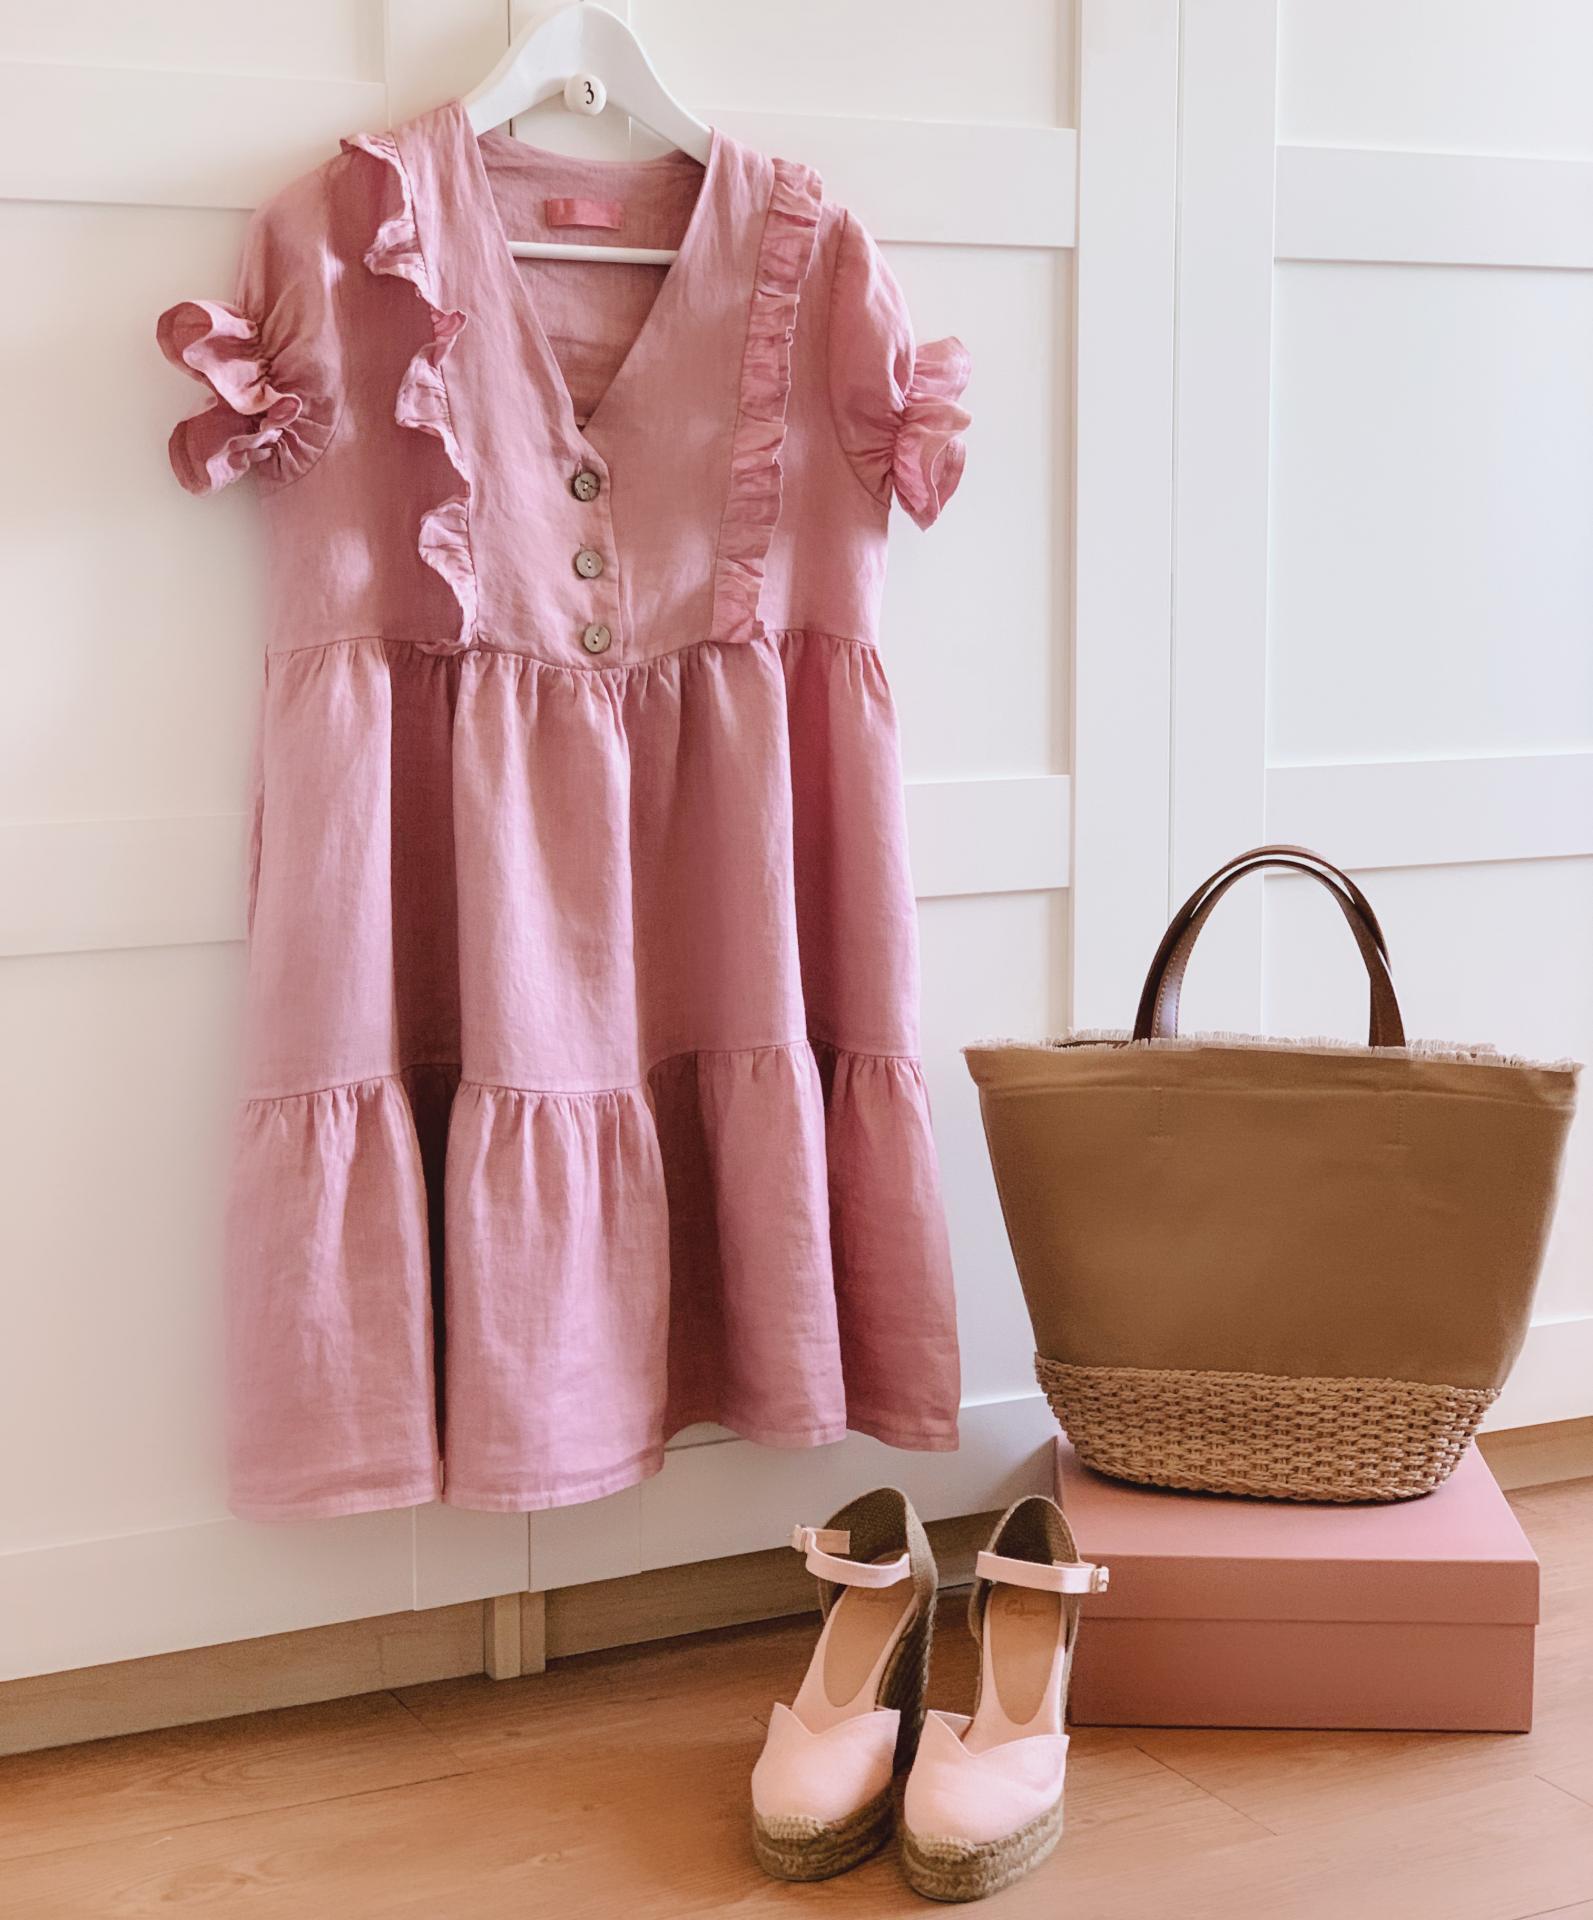 The Little Linen Dress (Ref.4048)